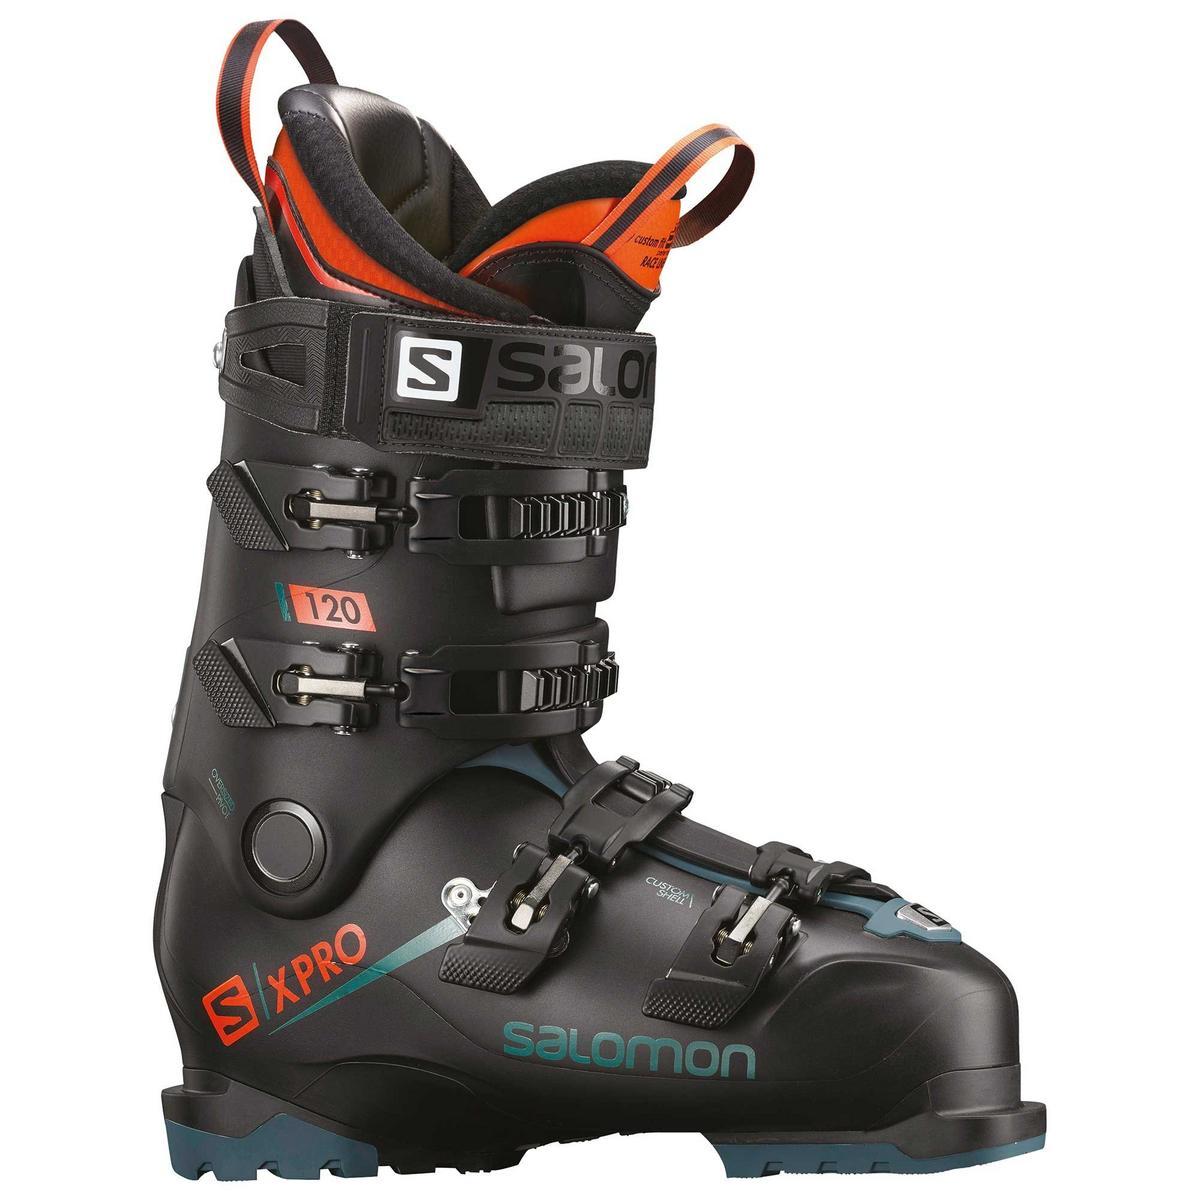 Salomon Men's X Pro 120 Ski Boots